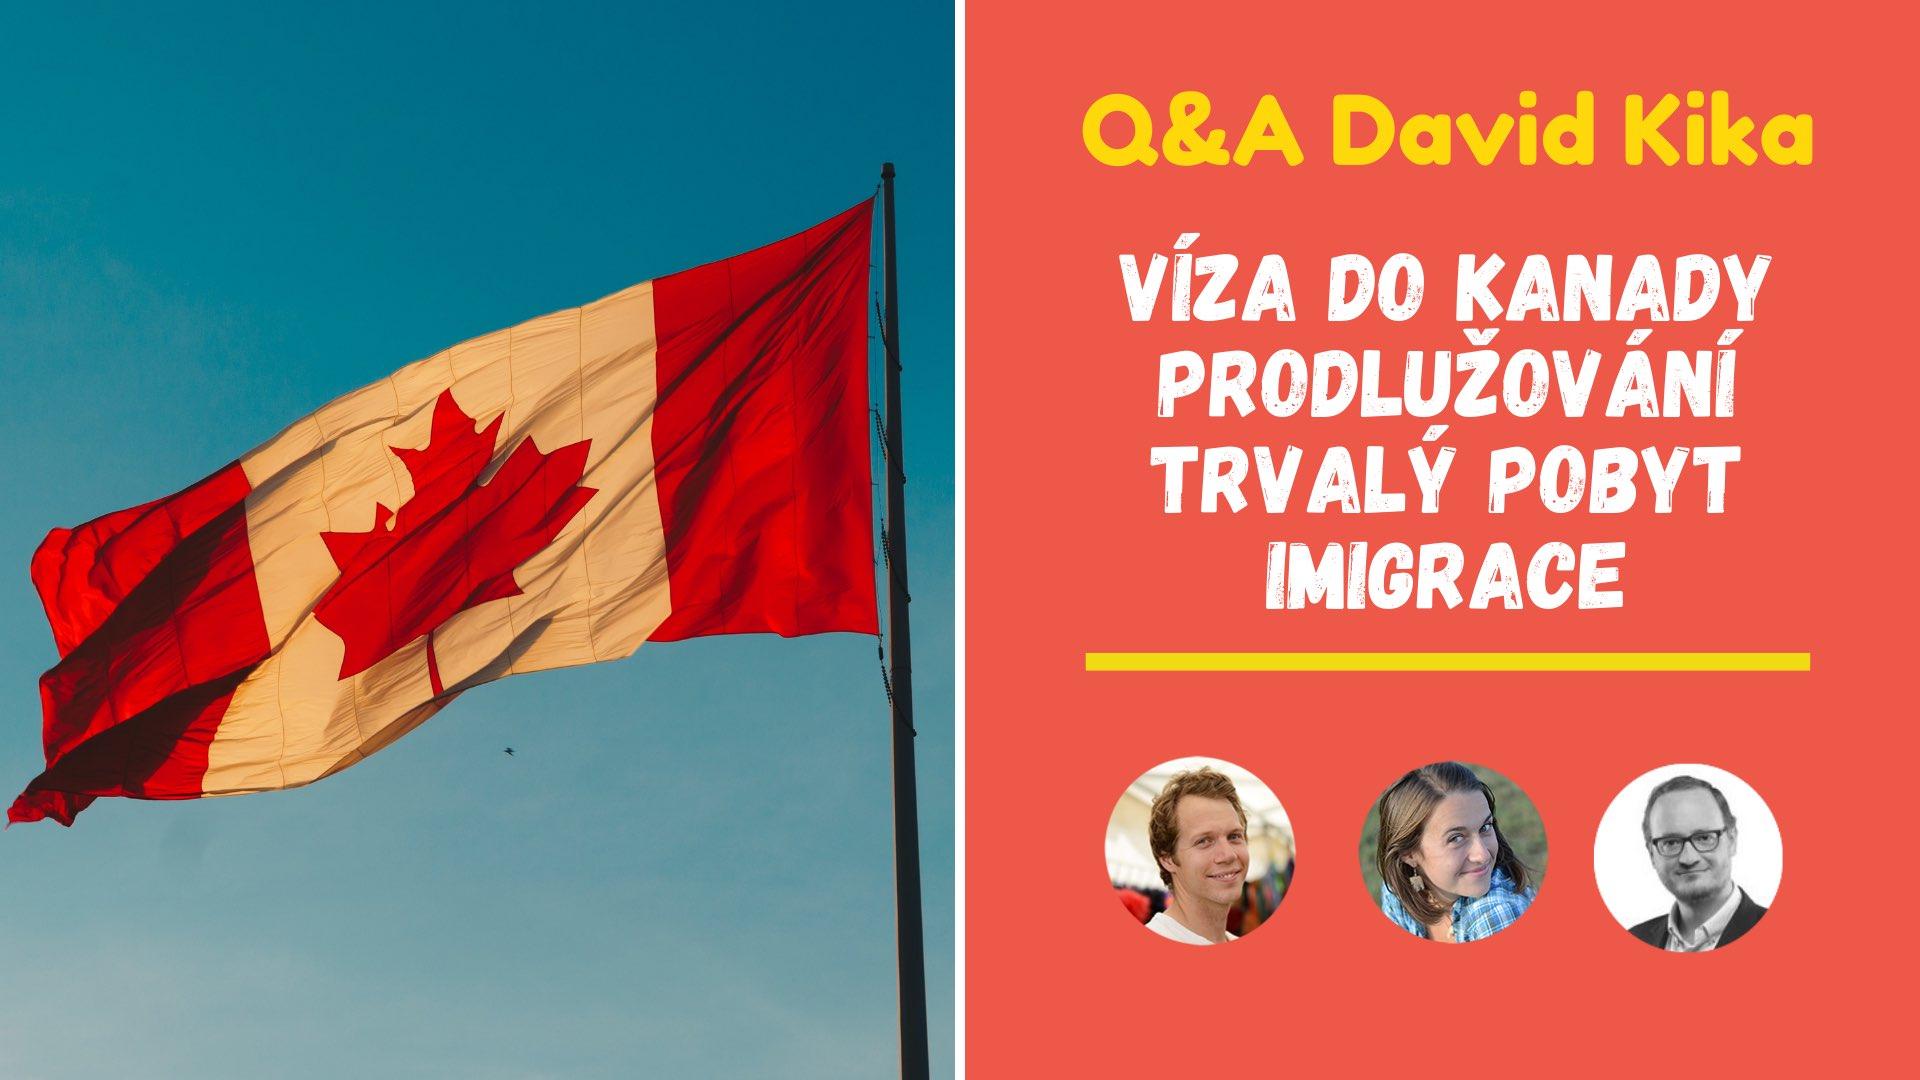 david kika imigrace do kanady